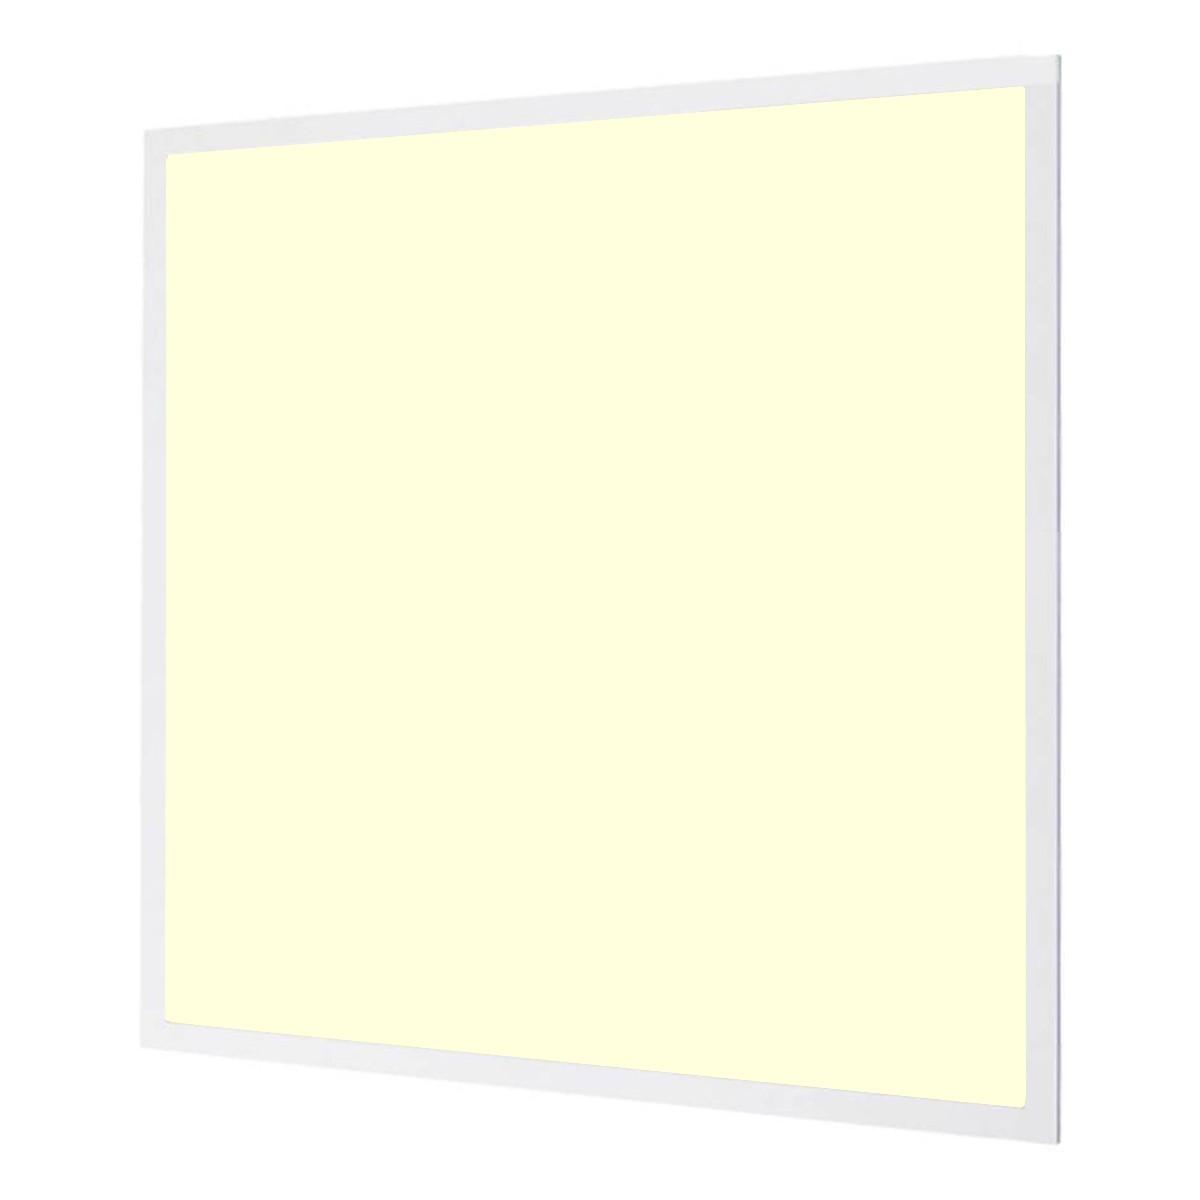 LED Paneel - Aigi - 60x60 Warm Wit 3000K - 40W Inbouw Vierkant - Inclusief Stekker - Mat Wit - Flikkervrij